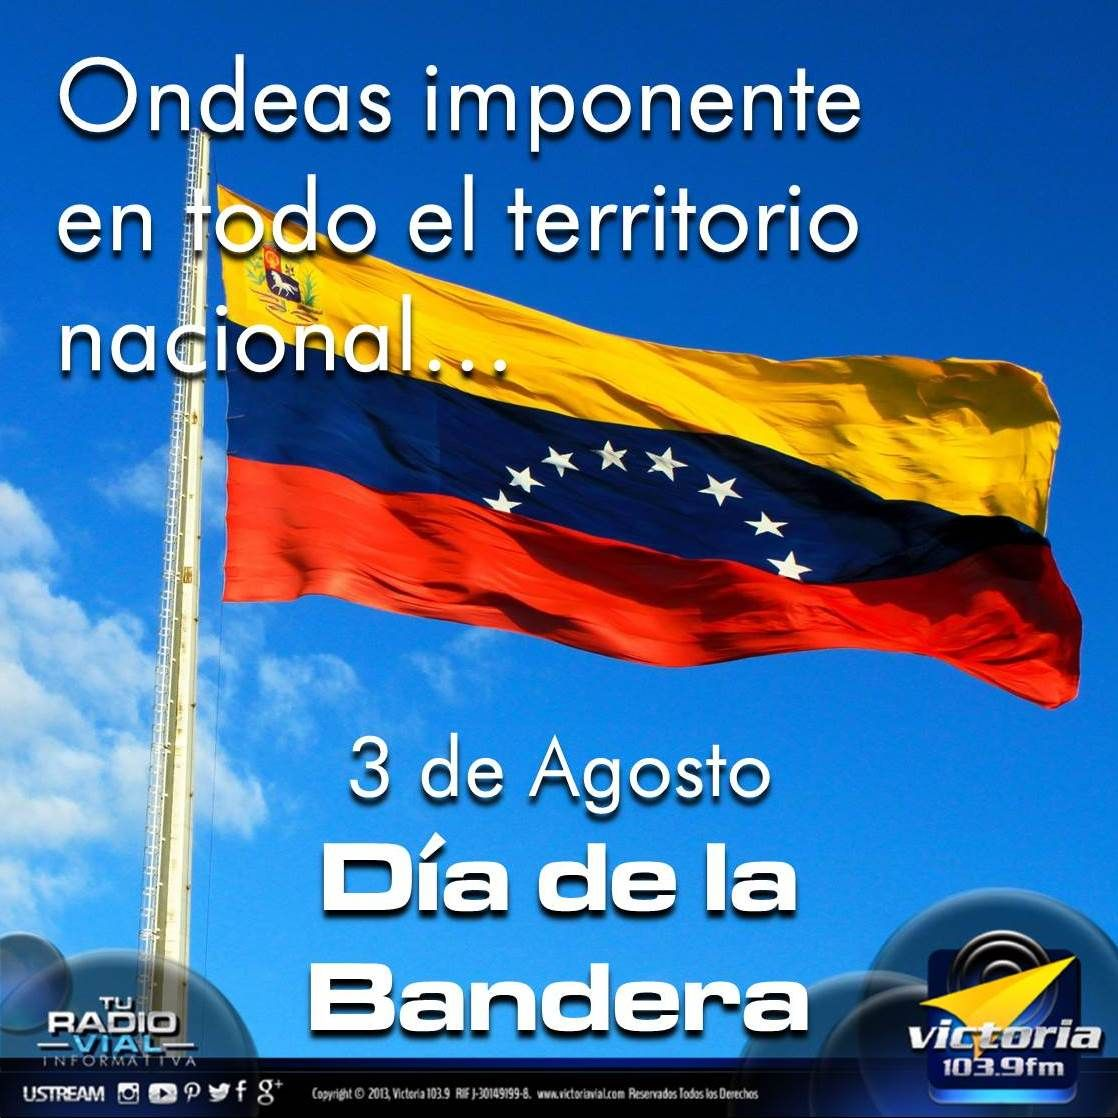 """Hoy, como cada 3 de agosto se celebra en Venezuela el Día de la Bandera - #Actualidad vía @victoria1039fm Fue el 3 de agosto de 1806 cuando Miranda en compañía de los mártires de su """"Expedición Libertadora"""" tocó tierras venezolanas, en la Vela de Coro, y desplegó en tierras patria el nuevo pabellón tricolor. Hoy se cumplen 209 años de aquella primera vez que reseña la historia de Venezuela. Leer más en nuestra web » http://bit.ly/1IA71KS"""